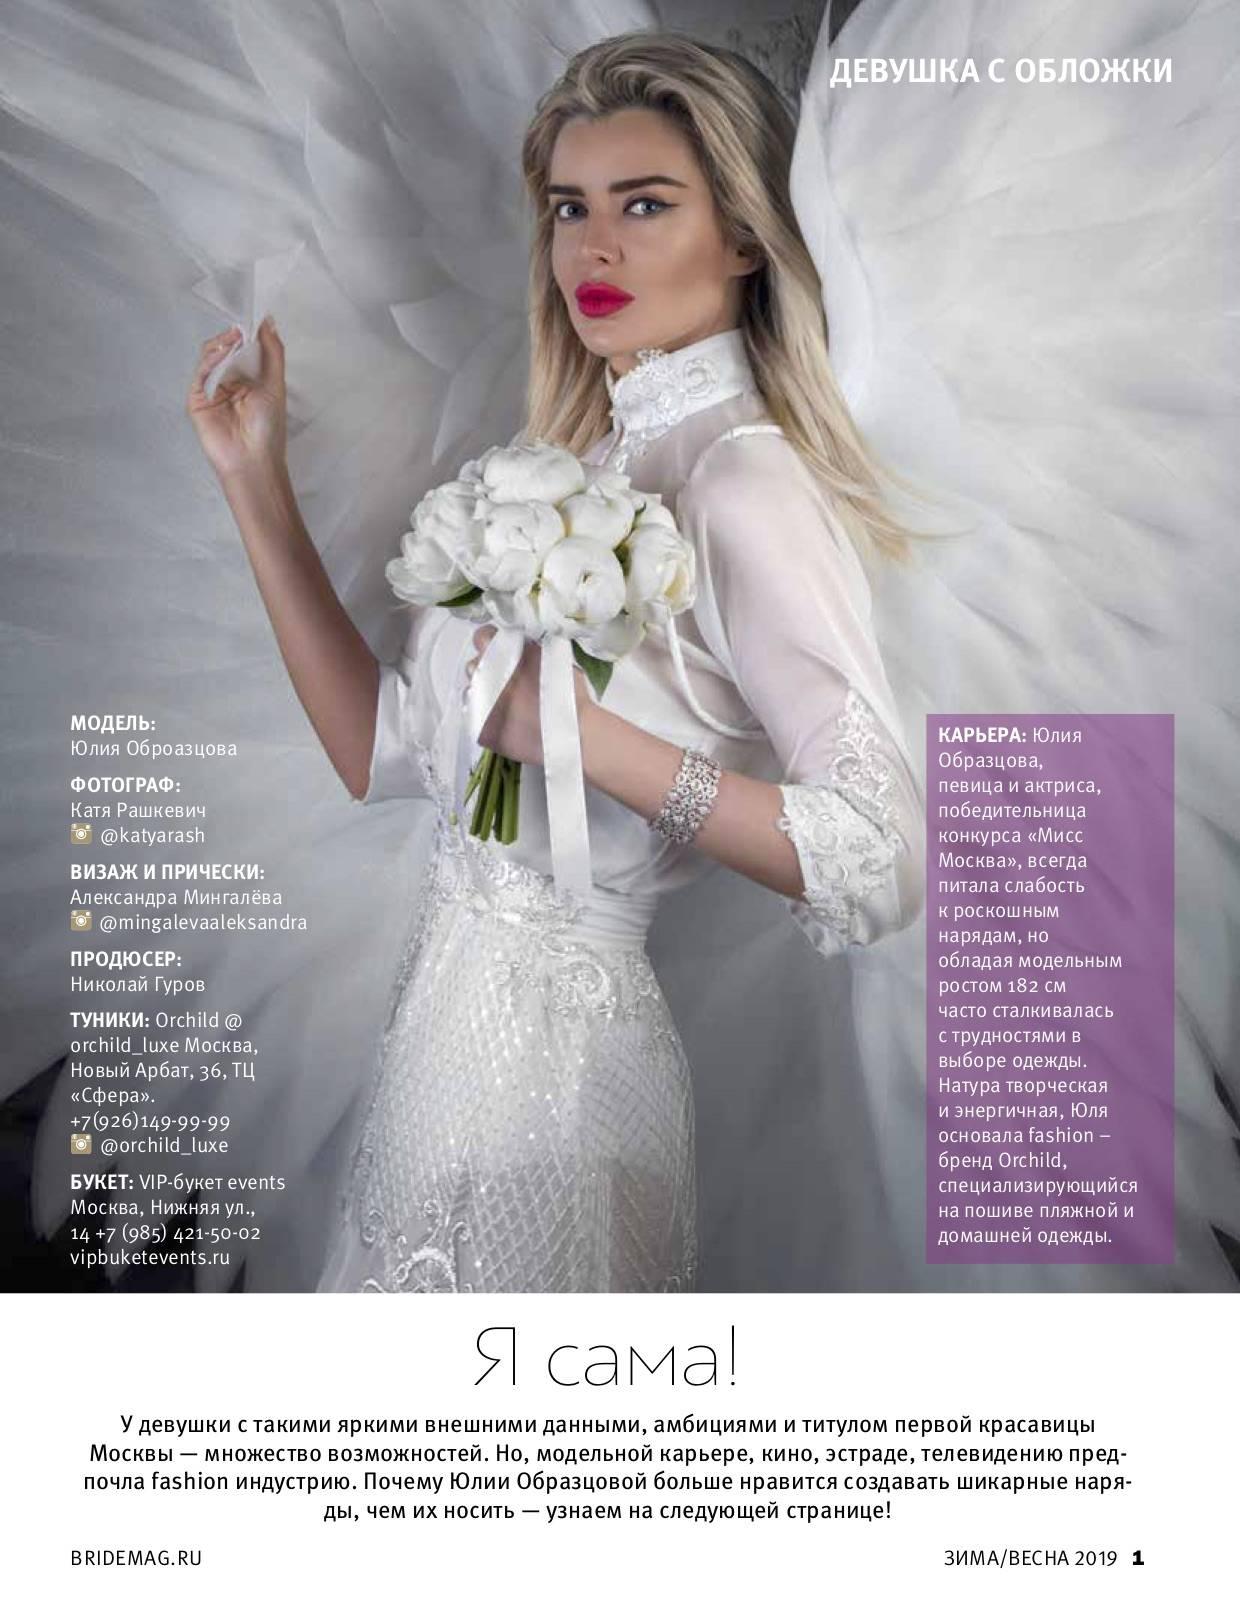 Платья-цветы от Юли Образцовой на обложке Bride